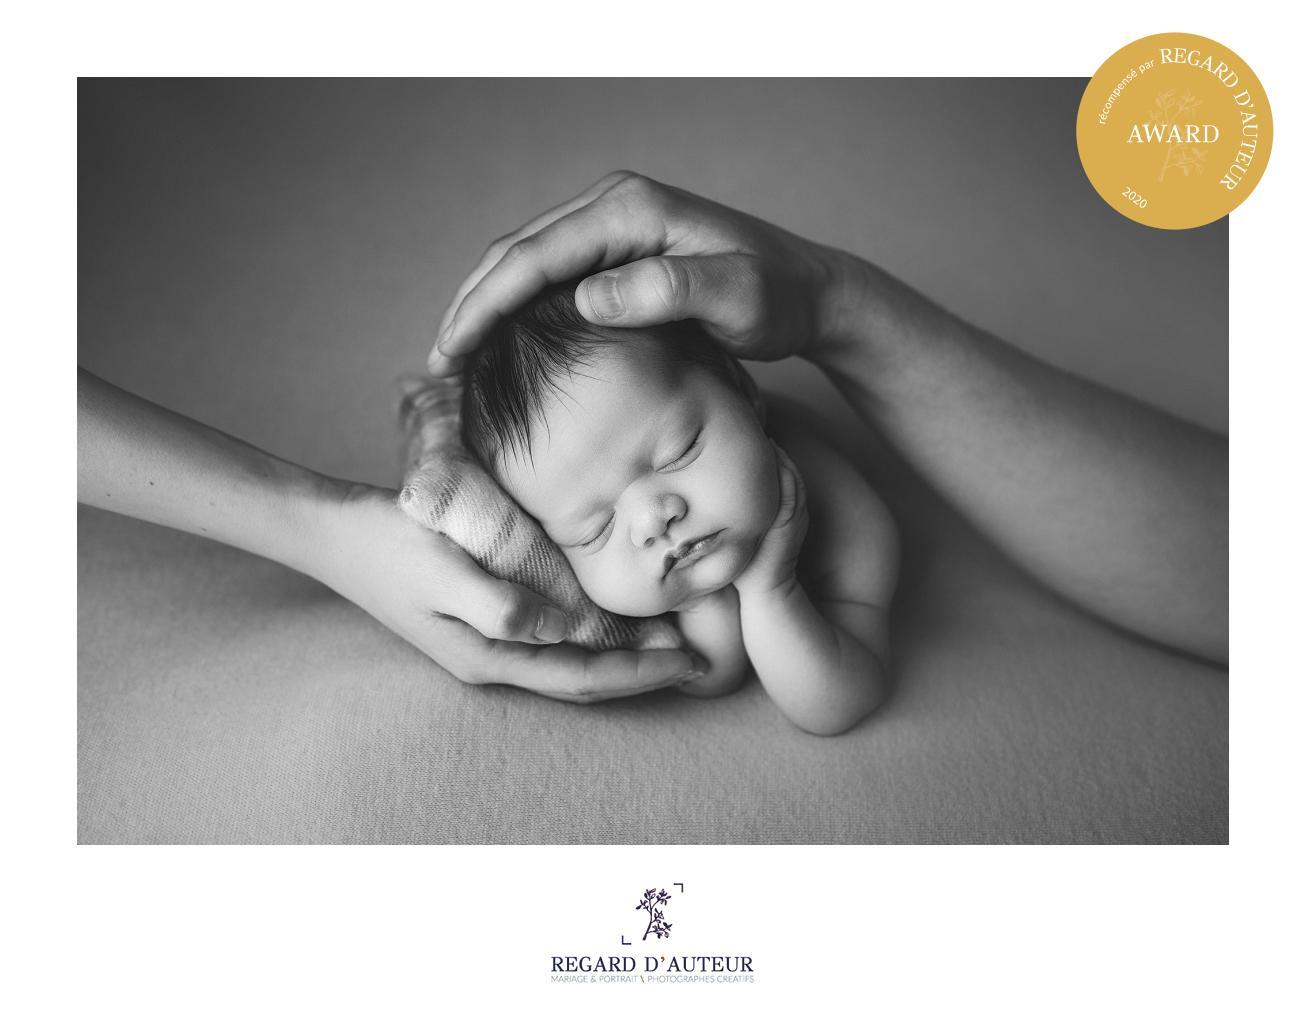 awards-resultats-des-concours-photos-photographique-regard d auteu